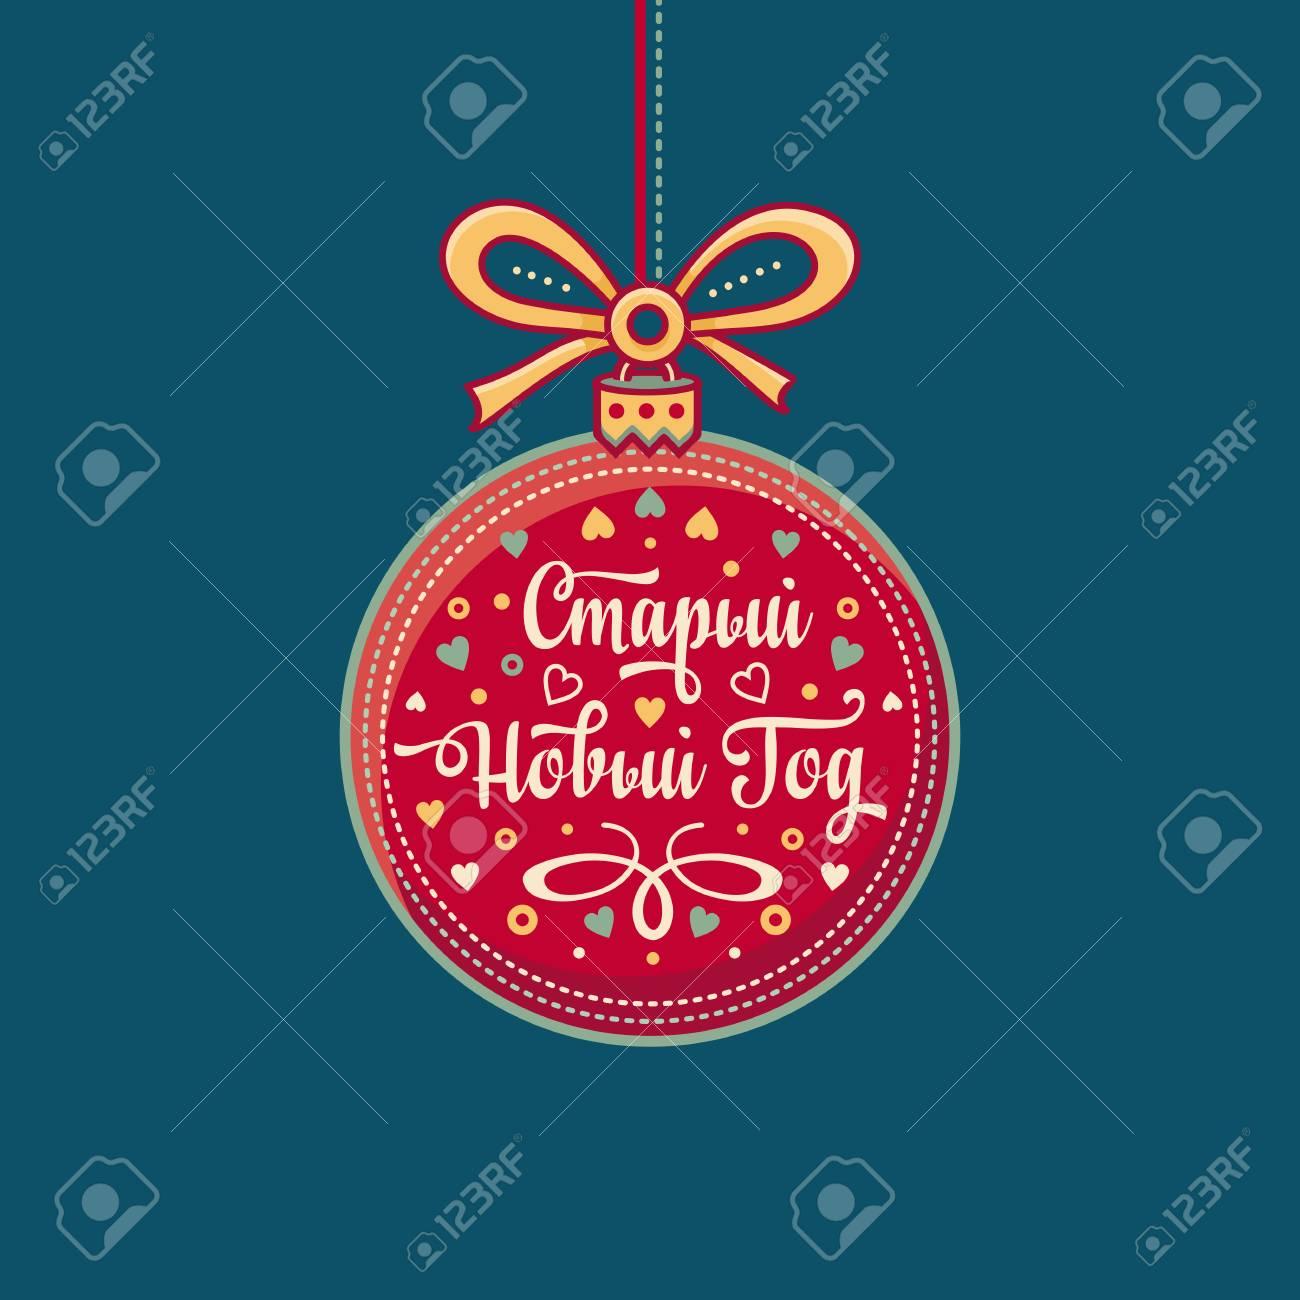 Alte Neujahr. Grußkarte. Kyrillisch. Russische Schriftart. Frohes ...